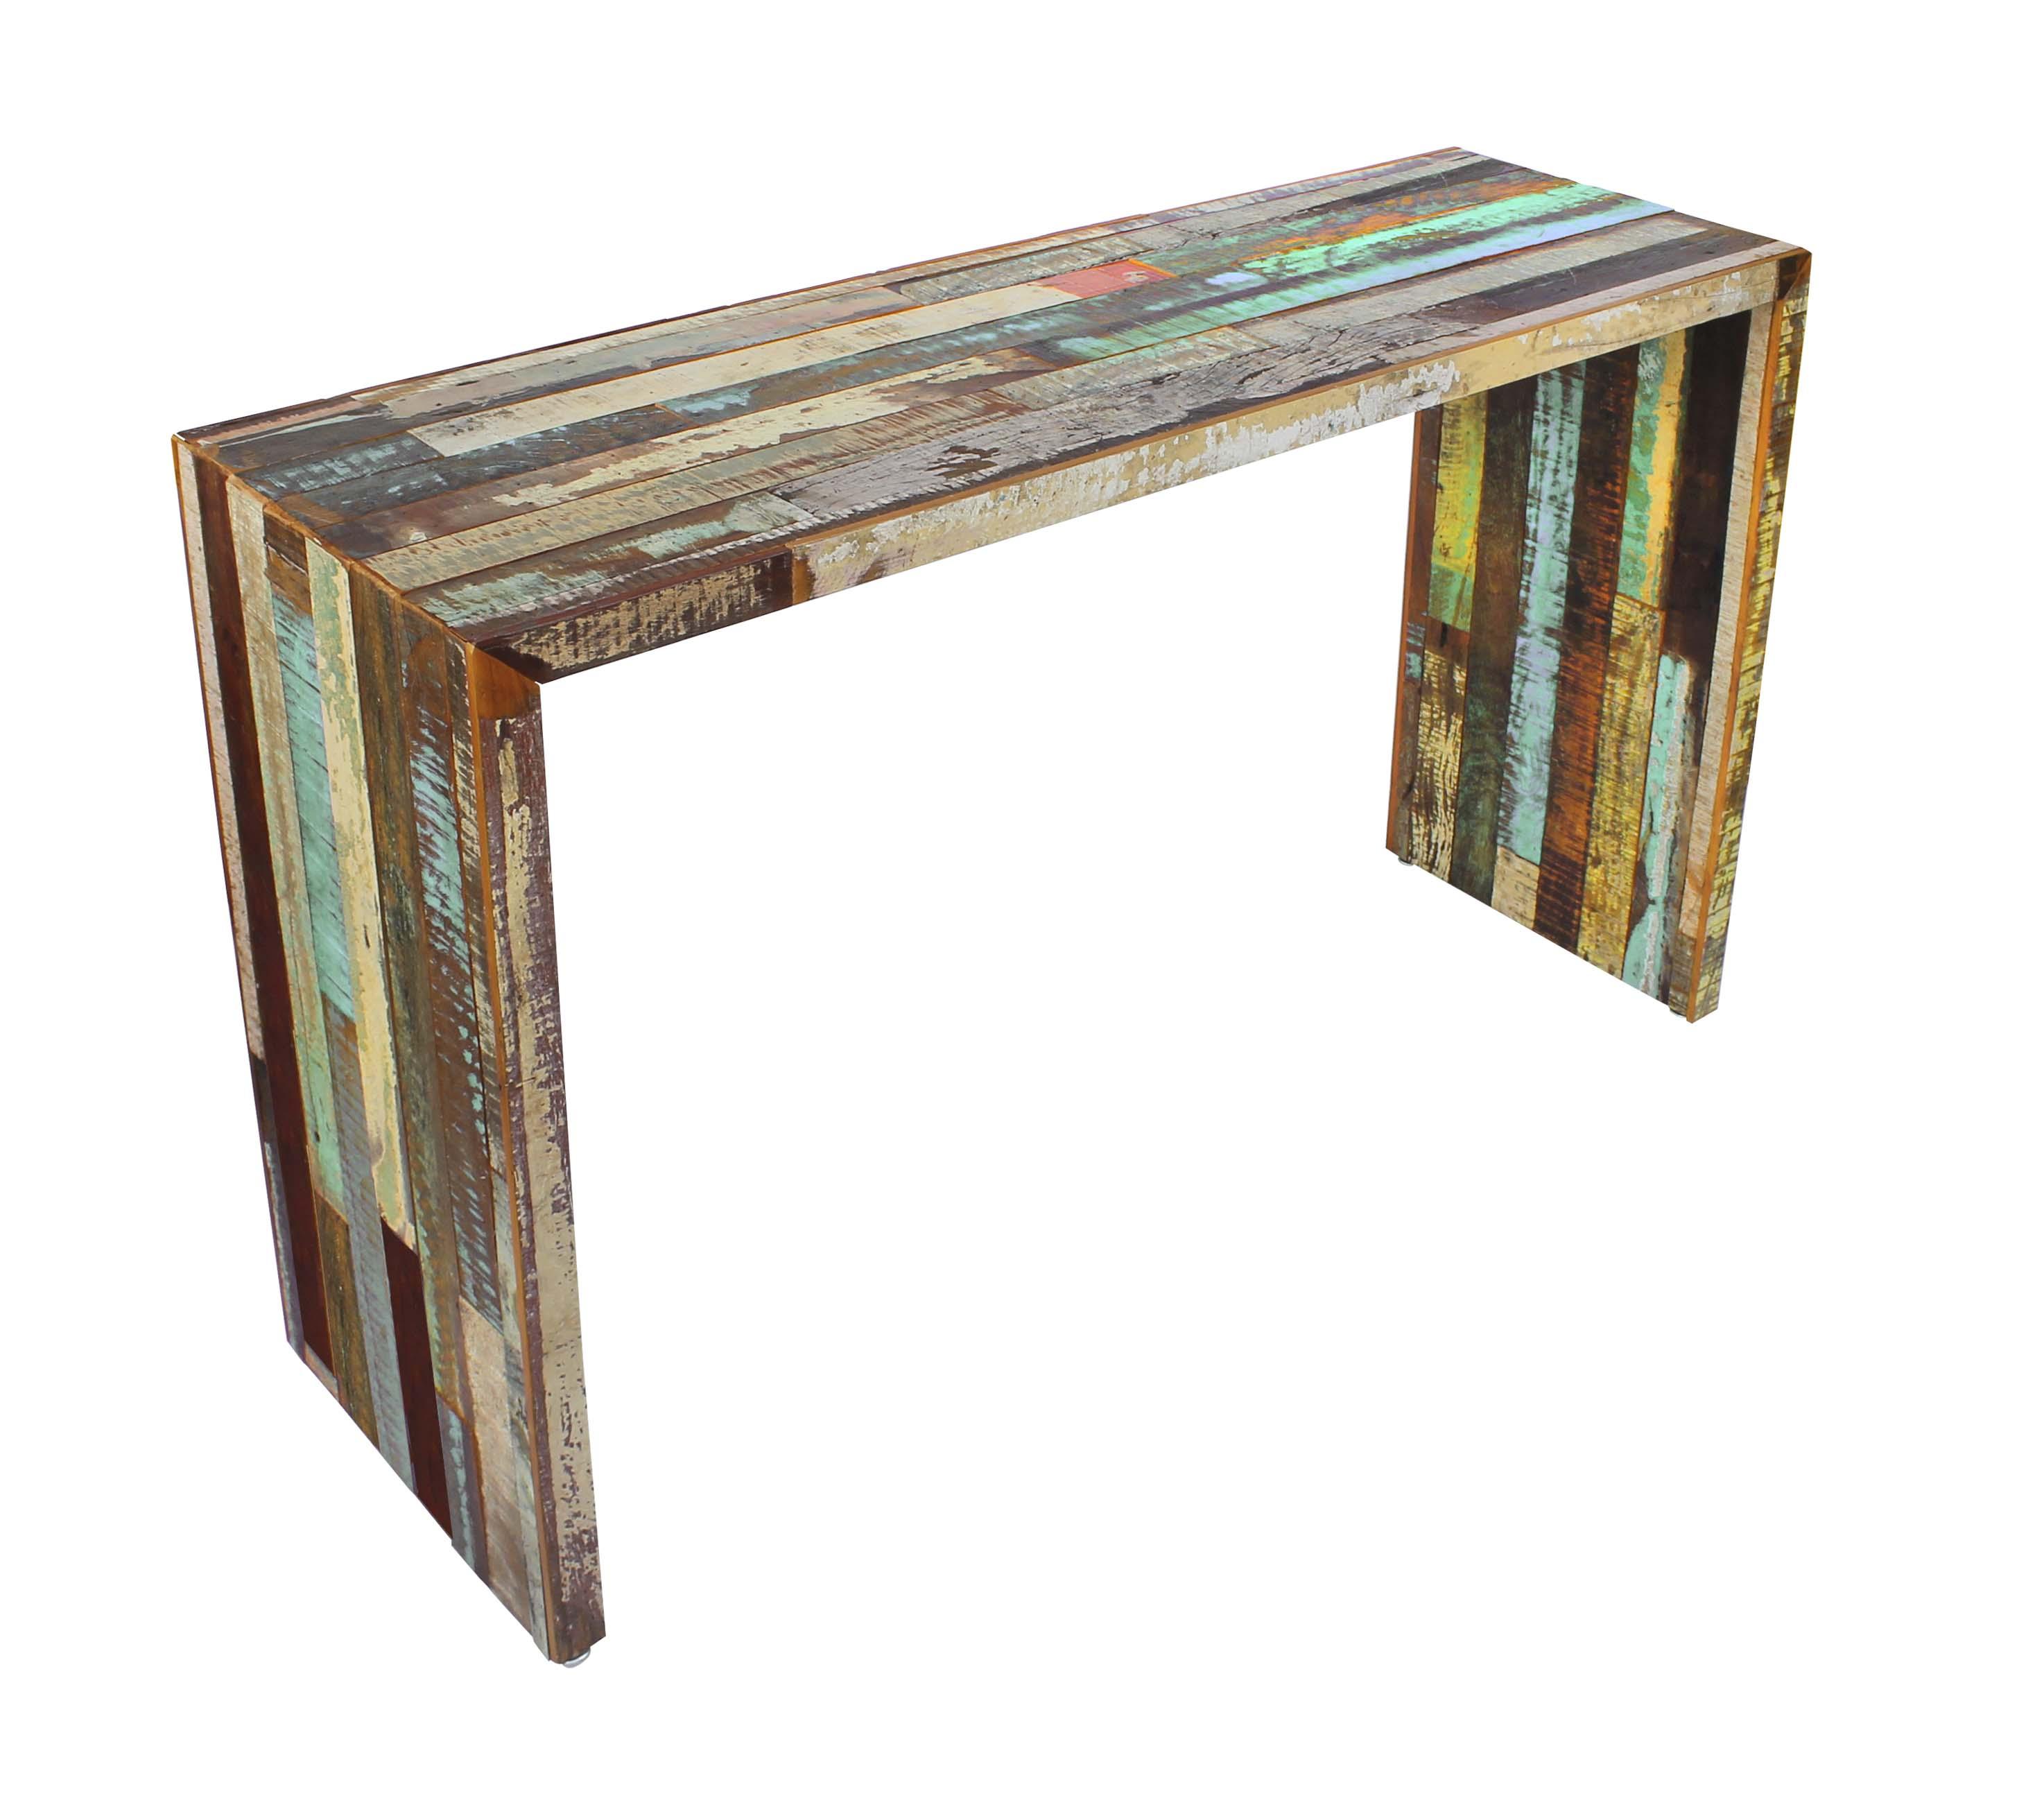 mesa de apoio madeira moveis rusticos moveis em madeira de demolicao #977234 2948x2593